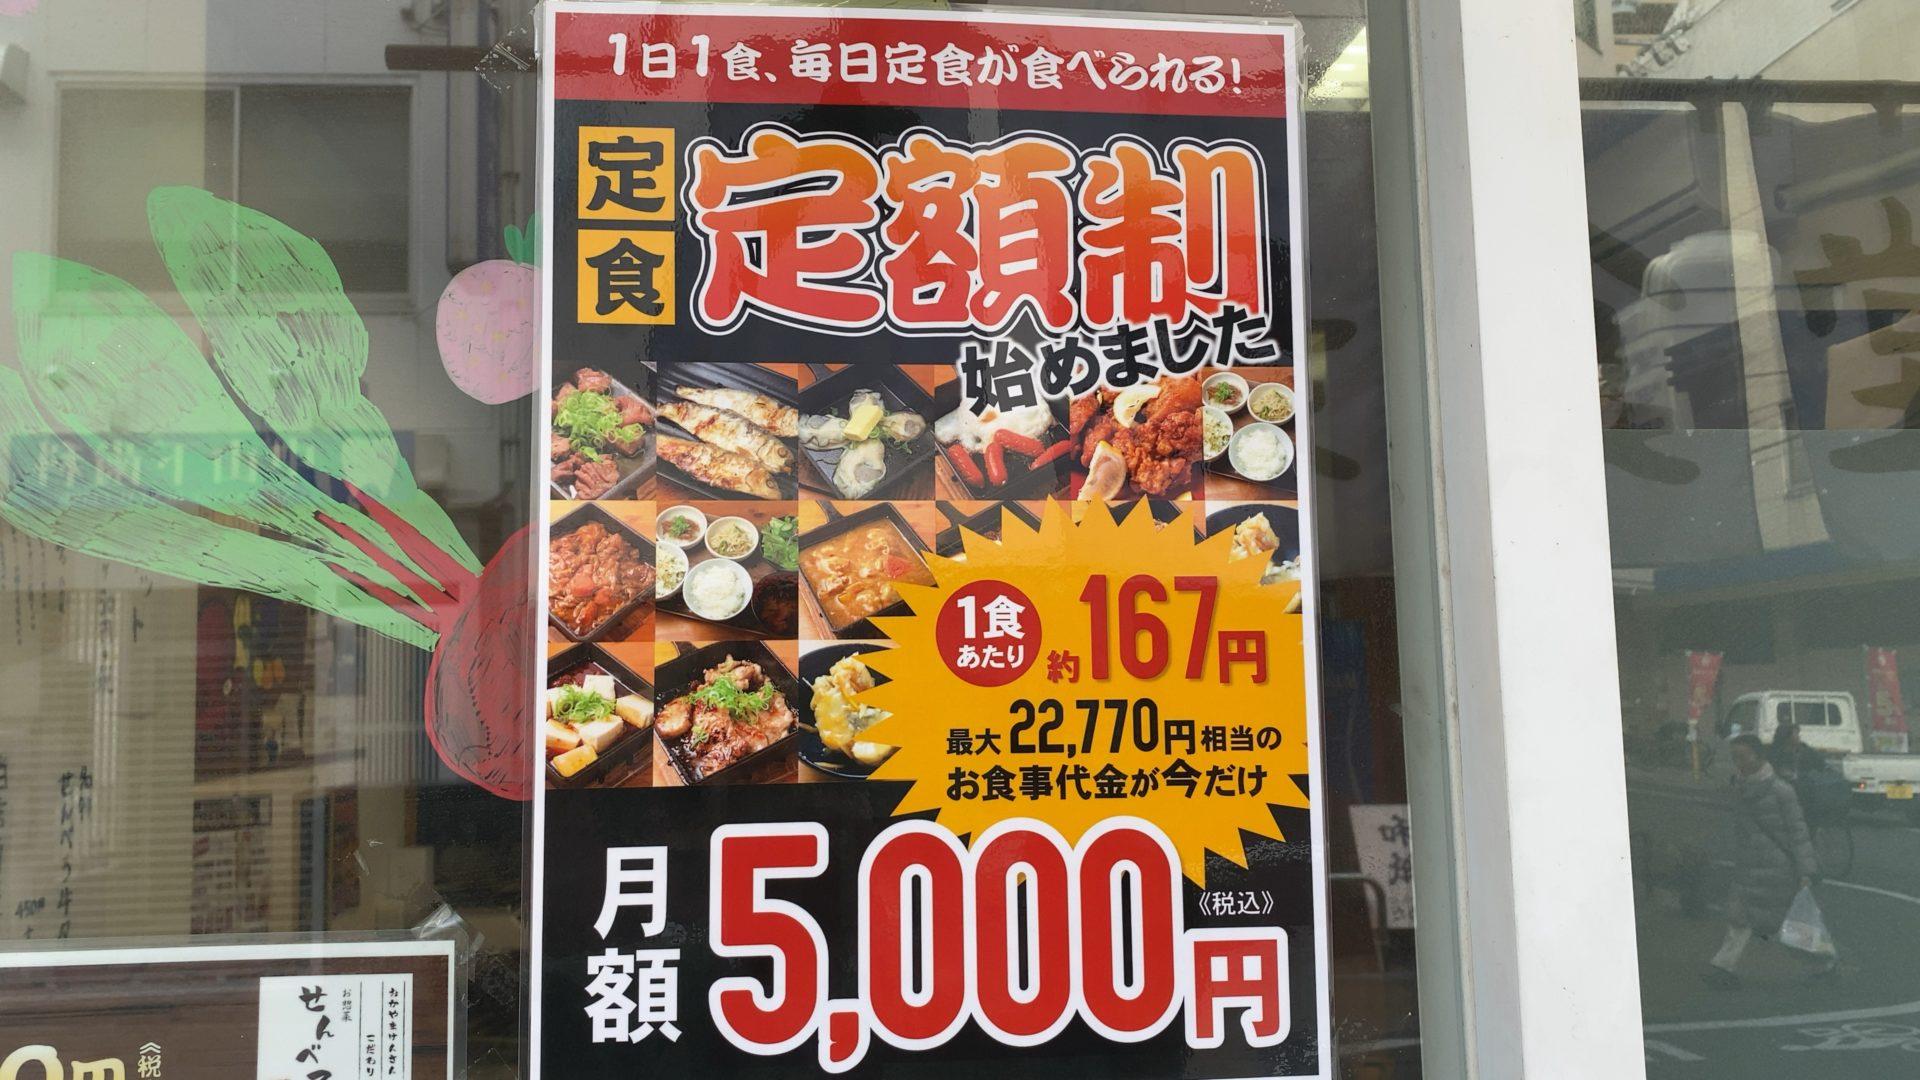 岡山駅から徒歩15分 岡山県産こだわりのおばんざい せんべろがサブスク開始!初訪問で、ランチにタレ漬け牛ハラミを頂いてみた